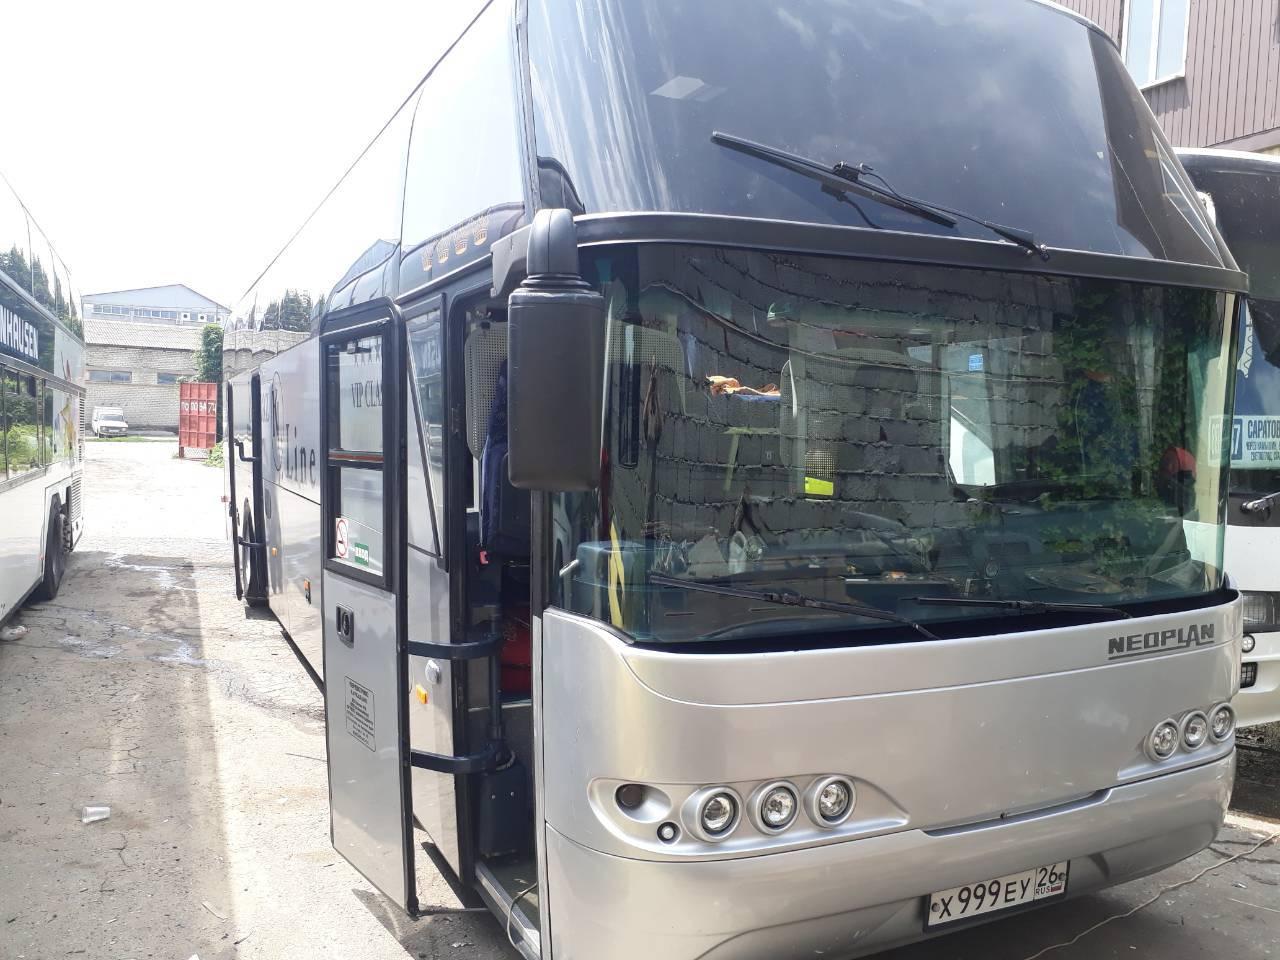 автовокзал брянск официальный сайт расписание автобусов отзывы на банк moneyman